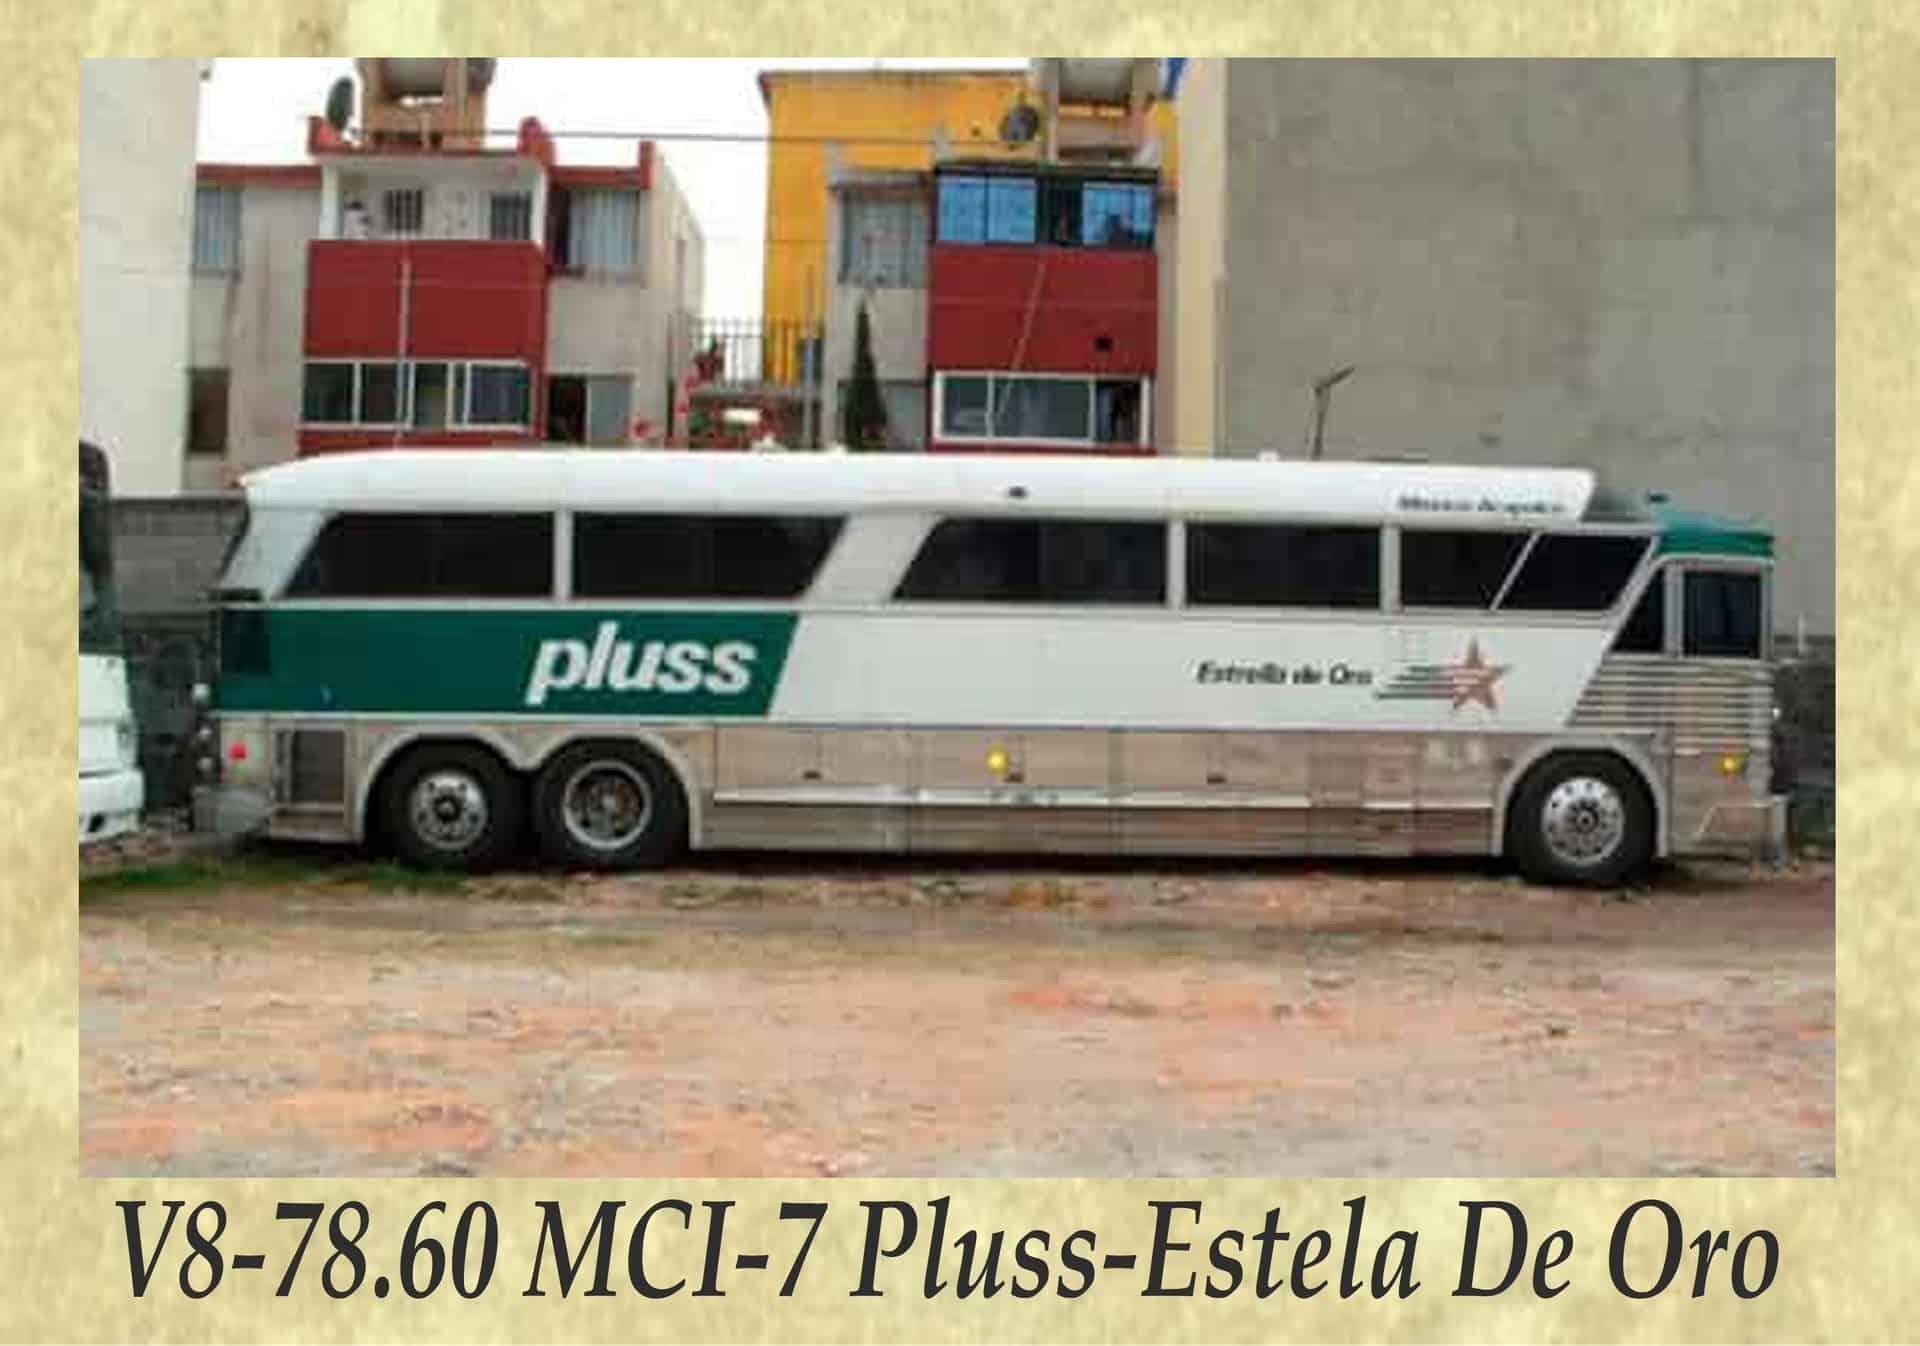 V8-78.60 MCI-7 Pluss-Estela De Oro